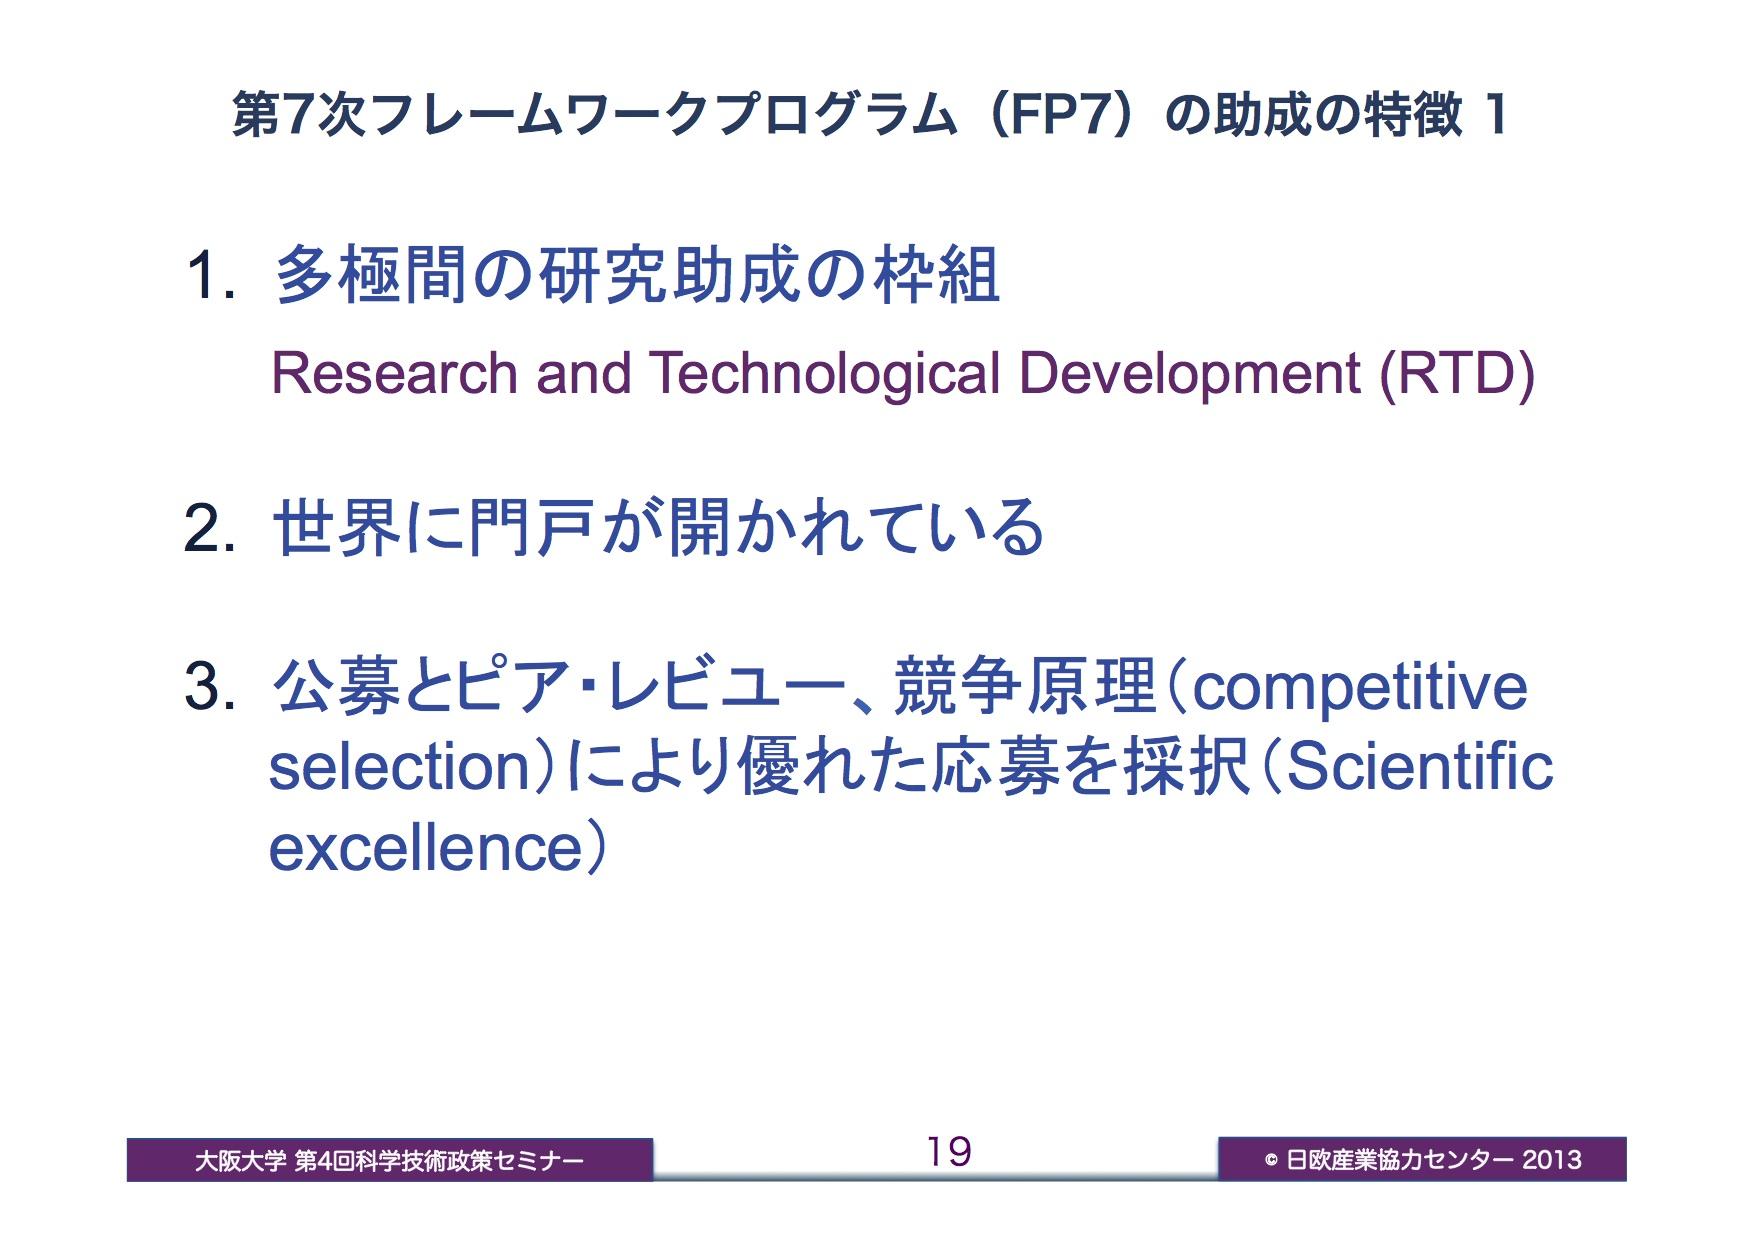 第7次フレームワークプログラムの特徴